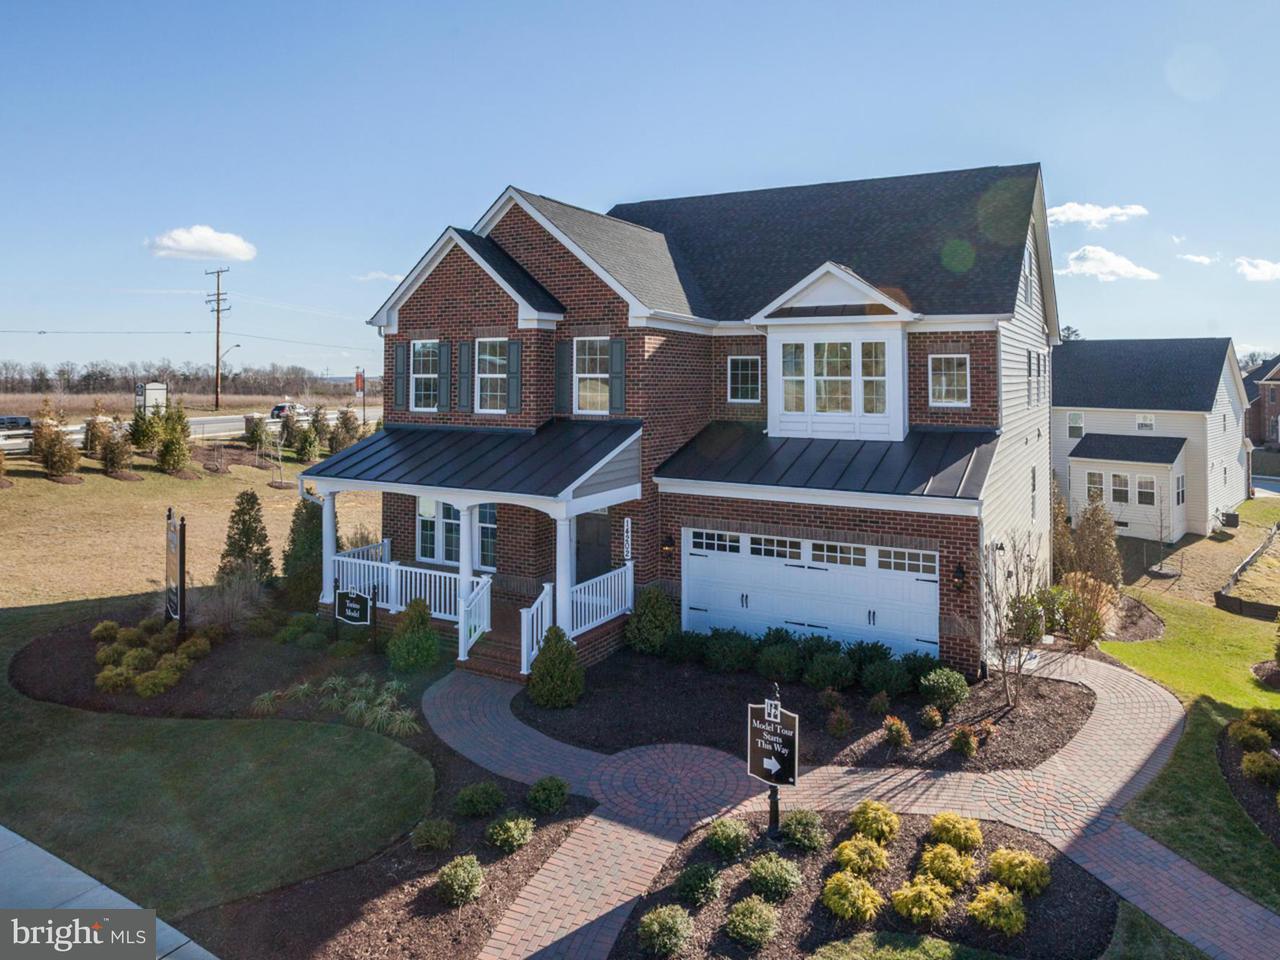 Maison unifamiliale pour l Vente à 4332 CAMLEY WAY 4332 CAMLEY WAY Burtonsville, Maryland 20866 États-Unis